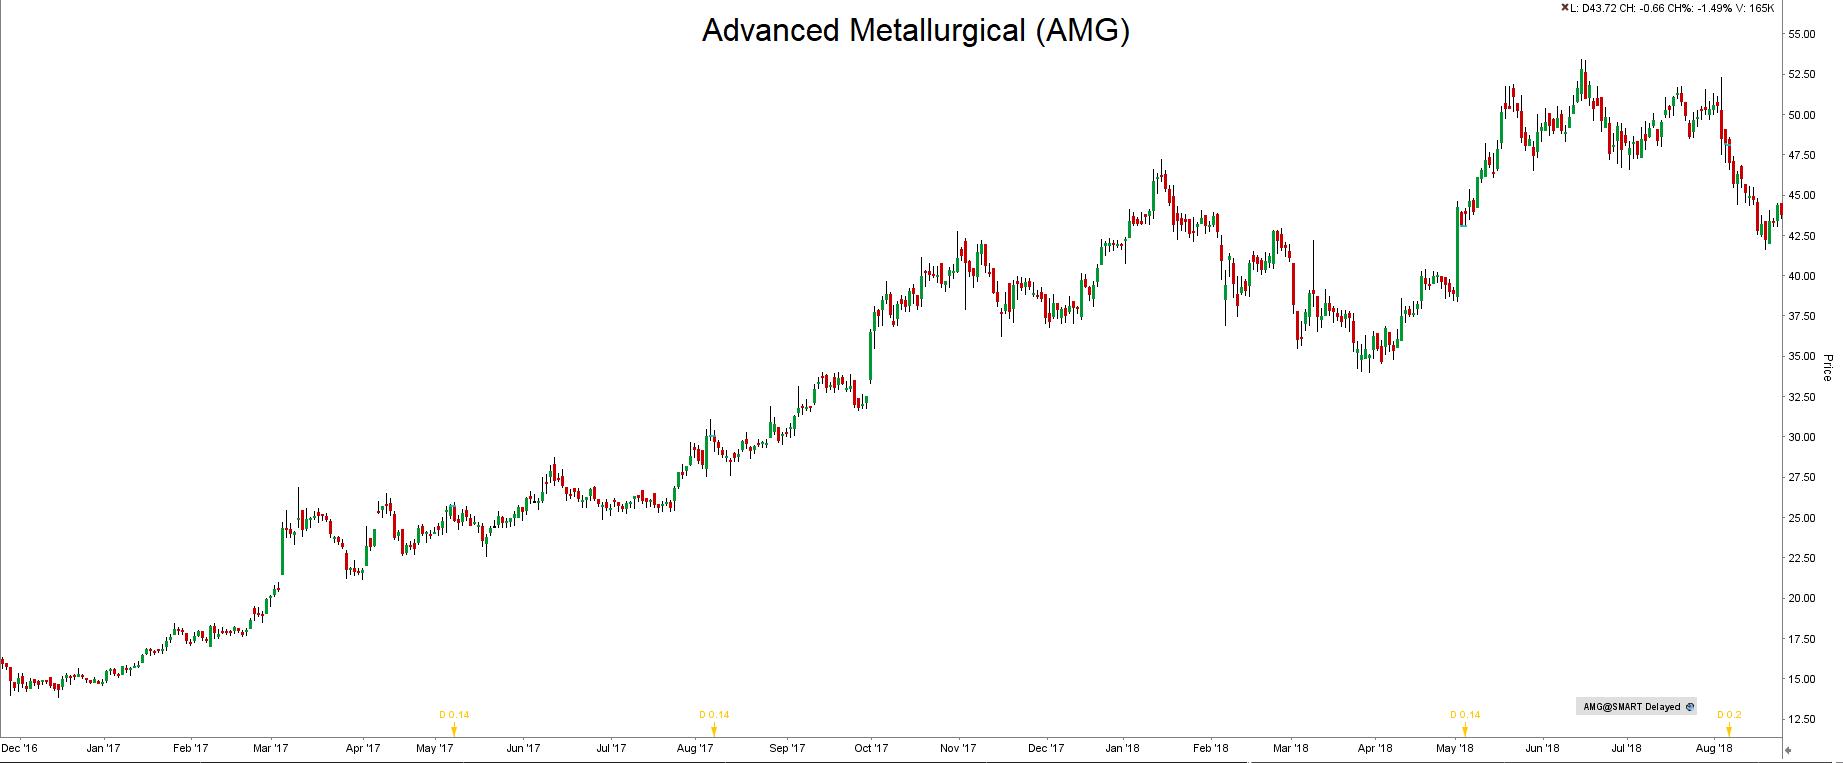 Inwestycje w lit AMG Advanced Metallurgical